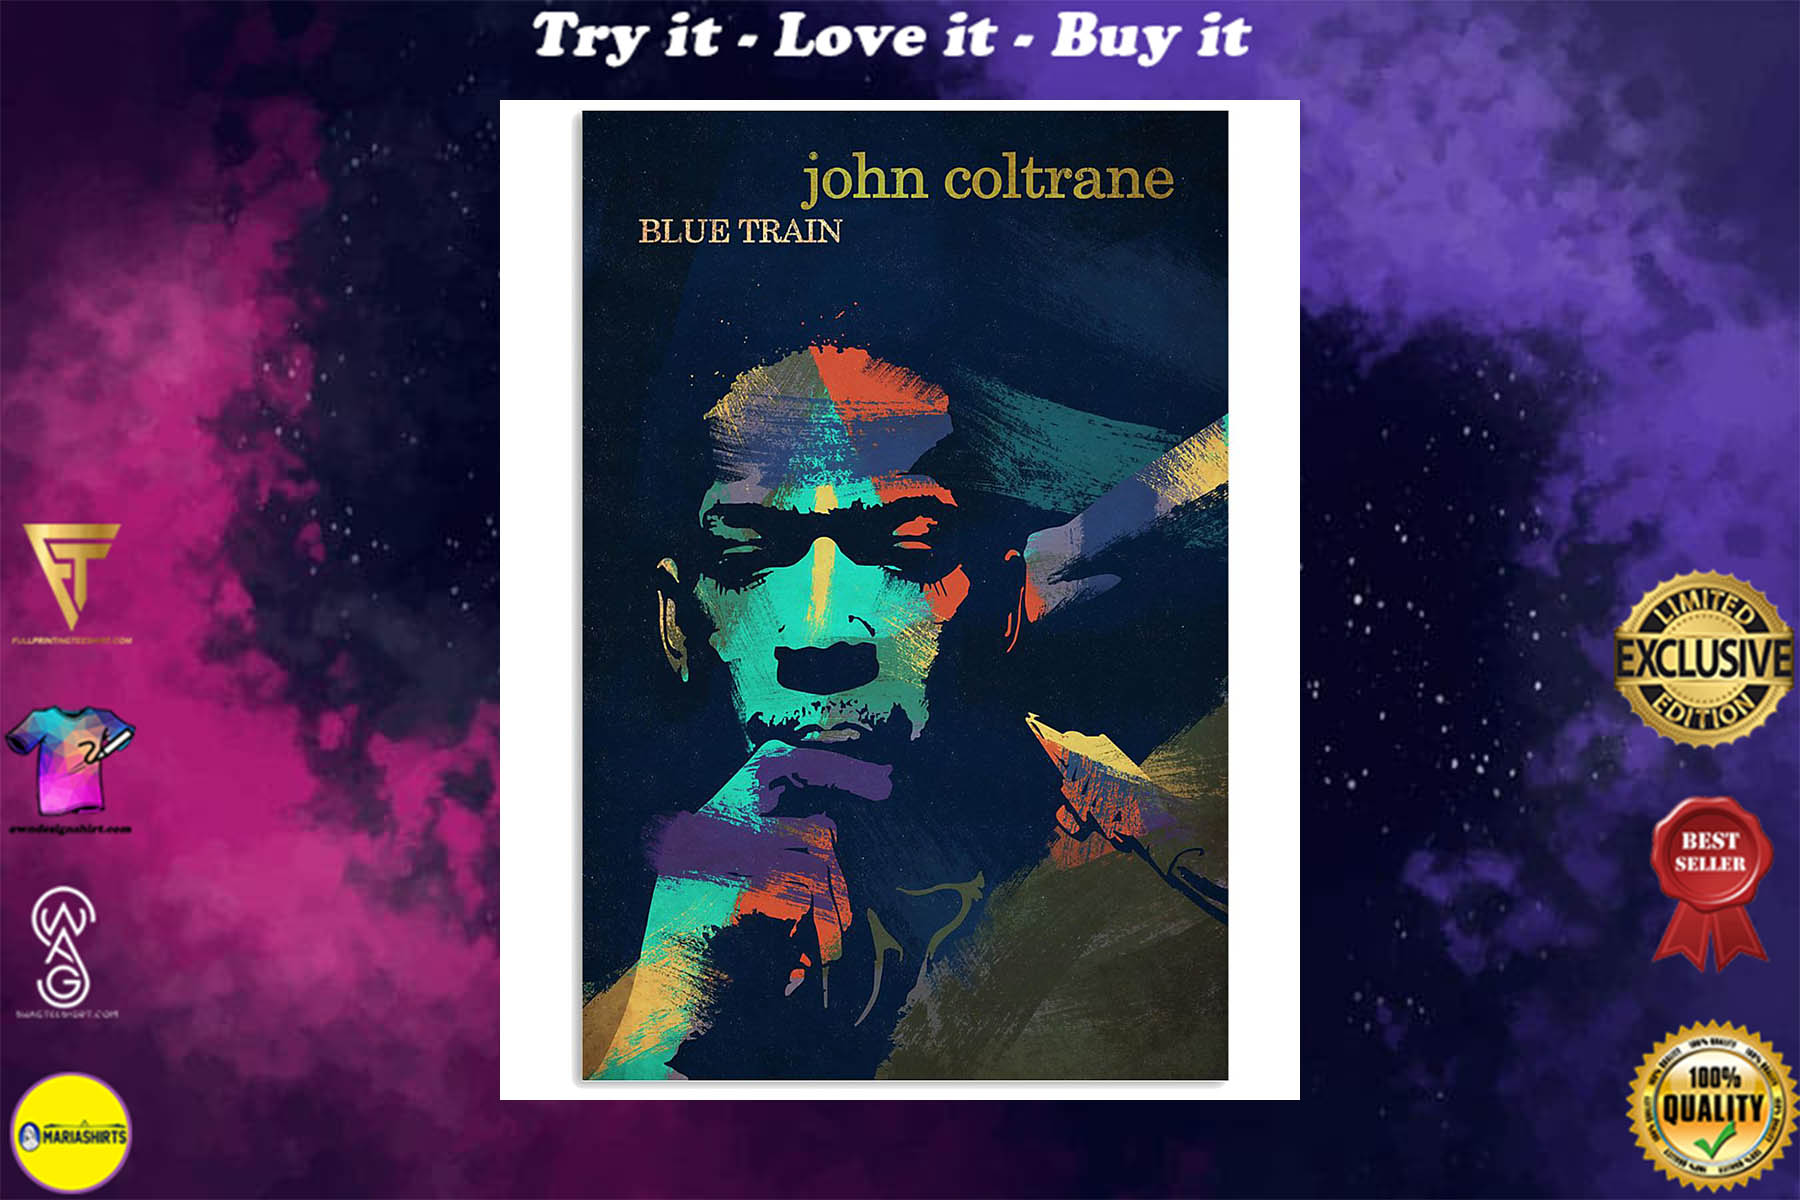 john coltrane blue train watercolor retro poster